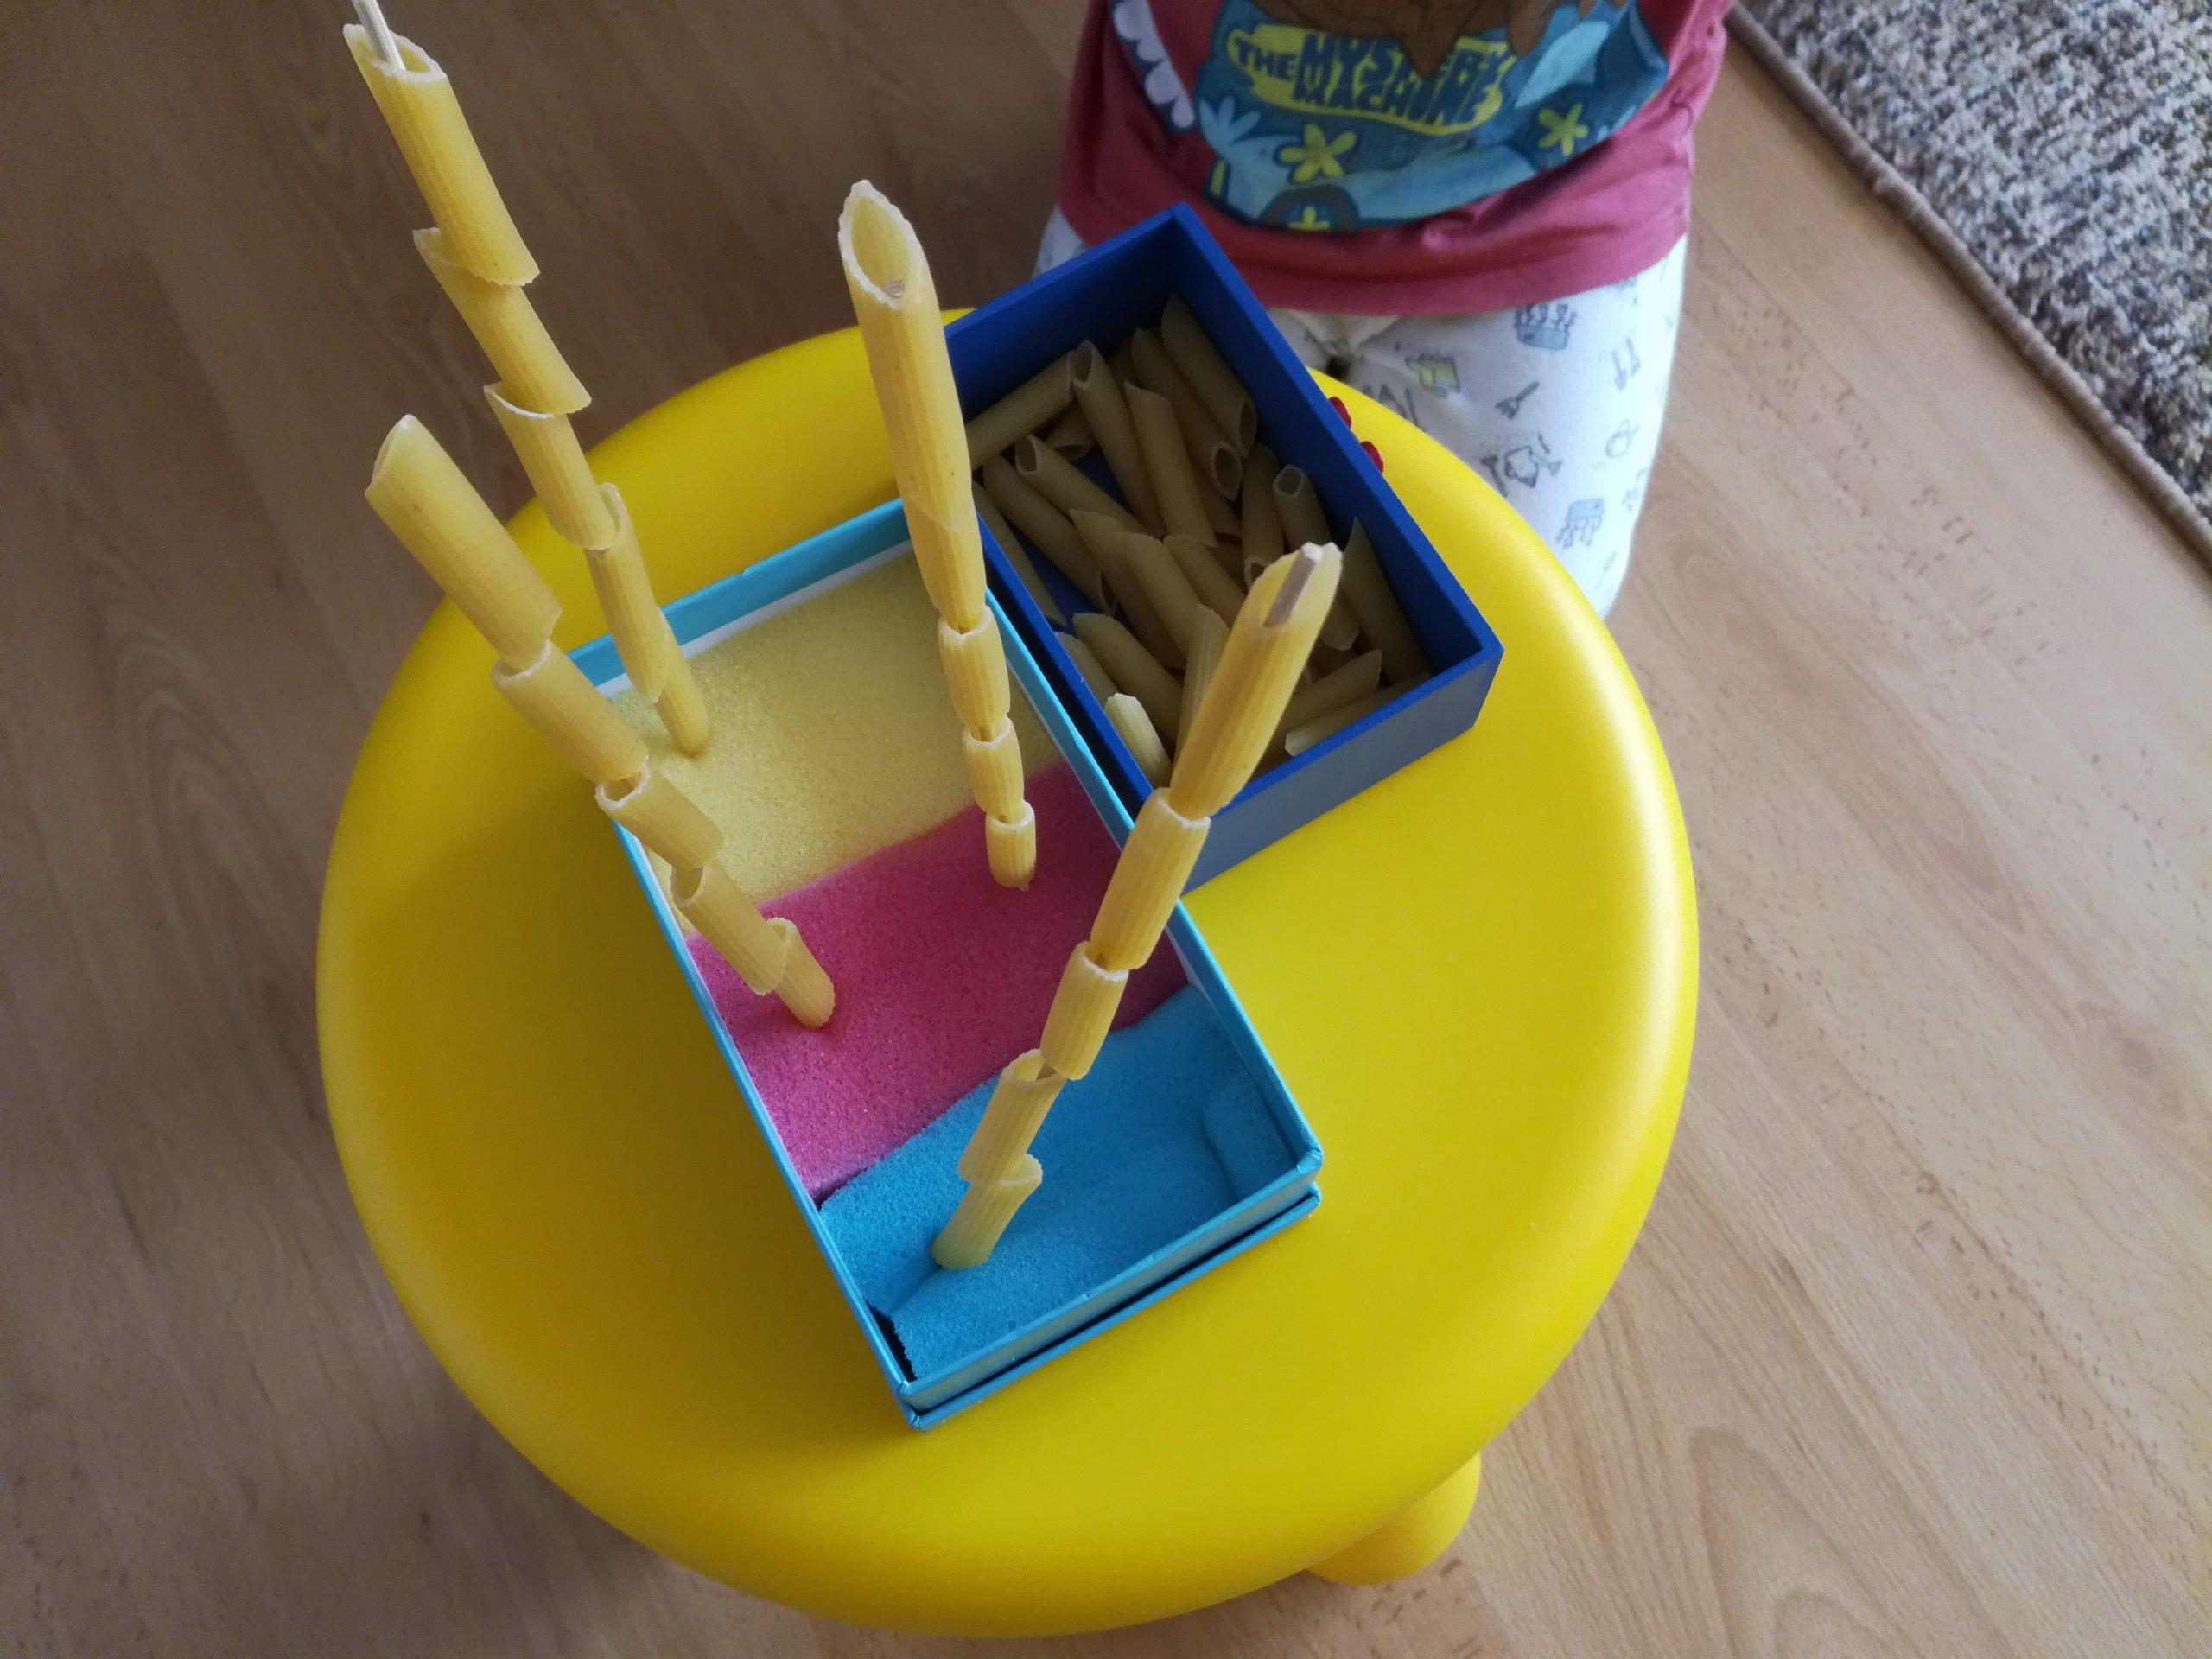 Sorter dla dzieci w domu. Łatwe zabawy dla dwulatka